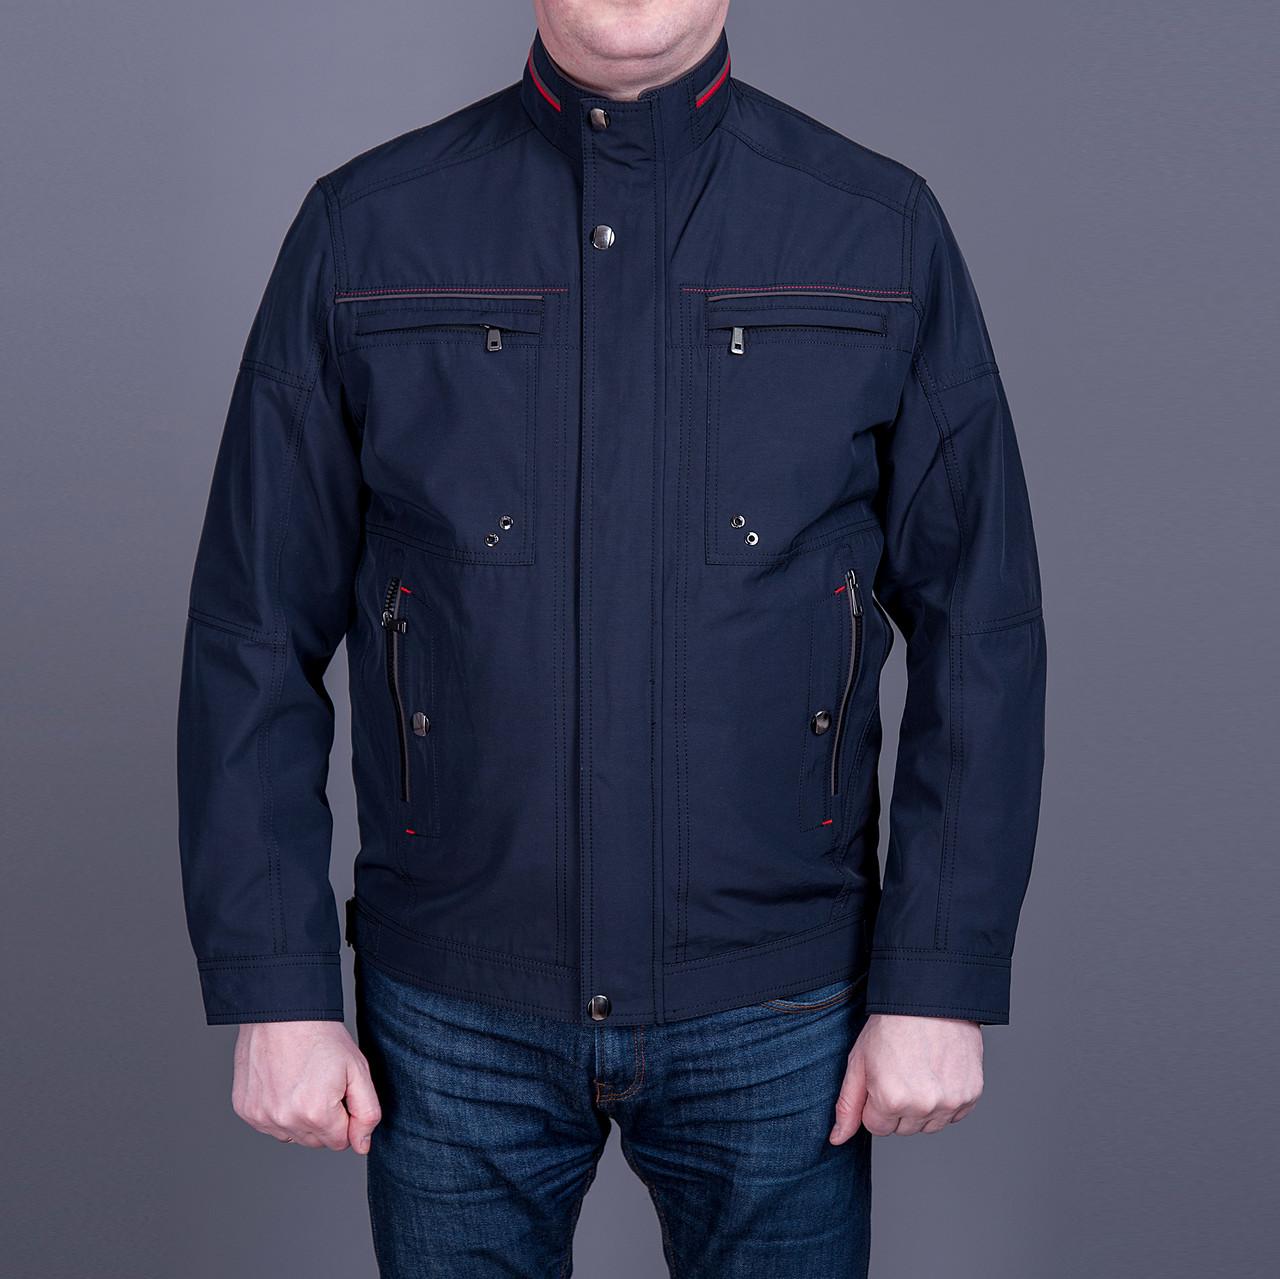 Чоловіча куртка (вітровка) темно-синього кольору.